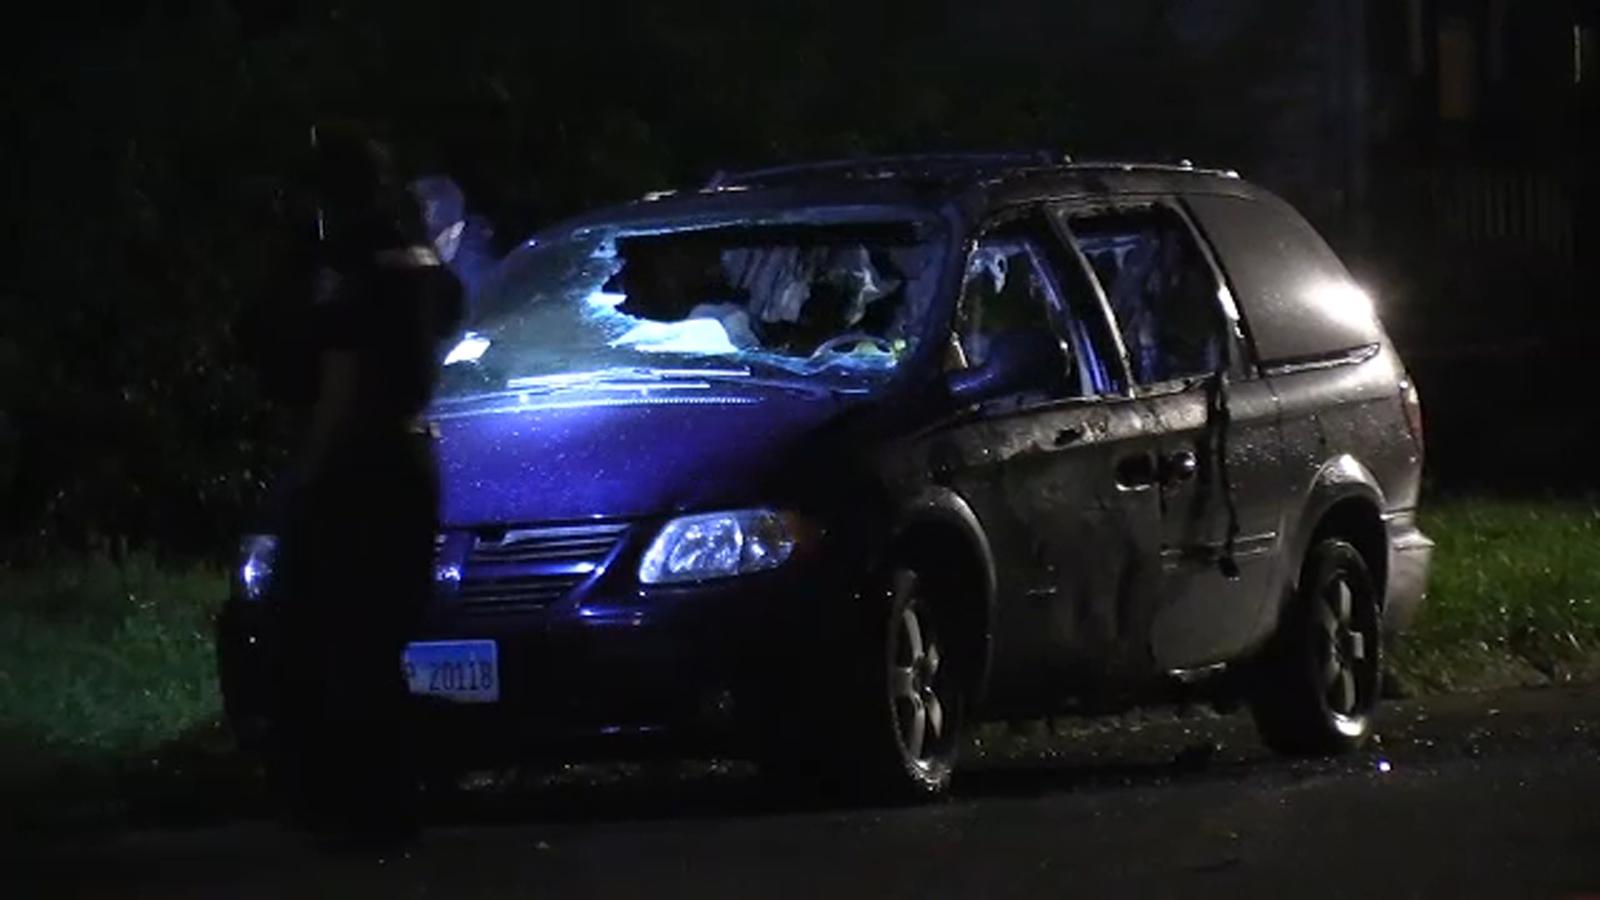 W spalonym samochodzie znaleziono ciało zastrzelonego mężczyzny